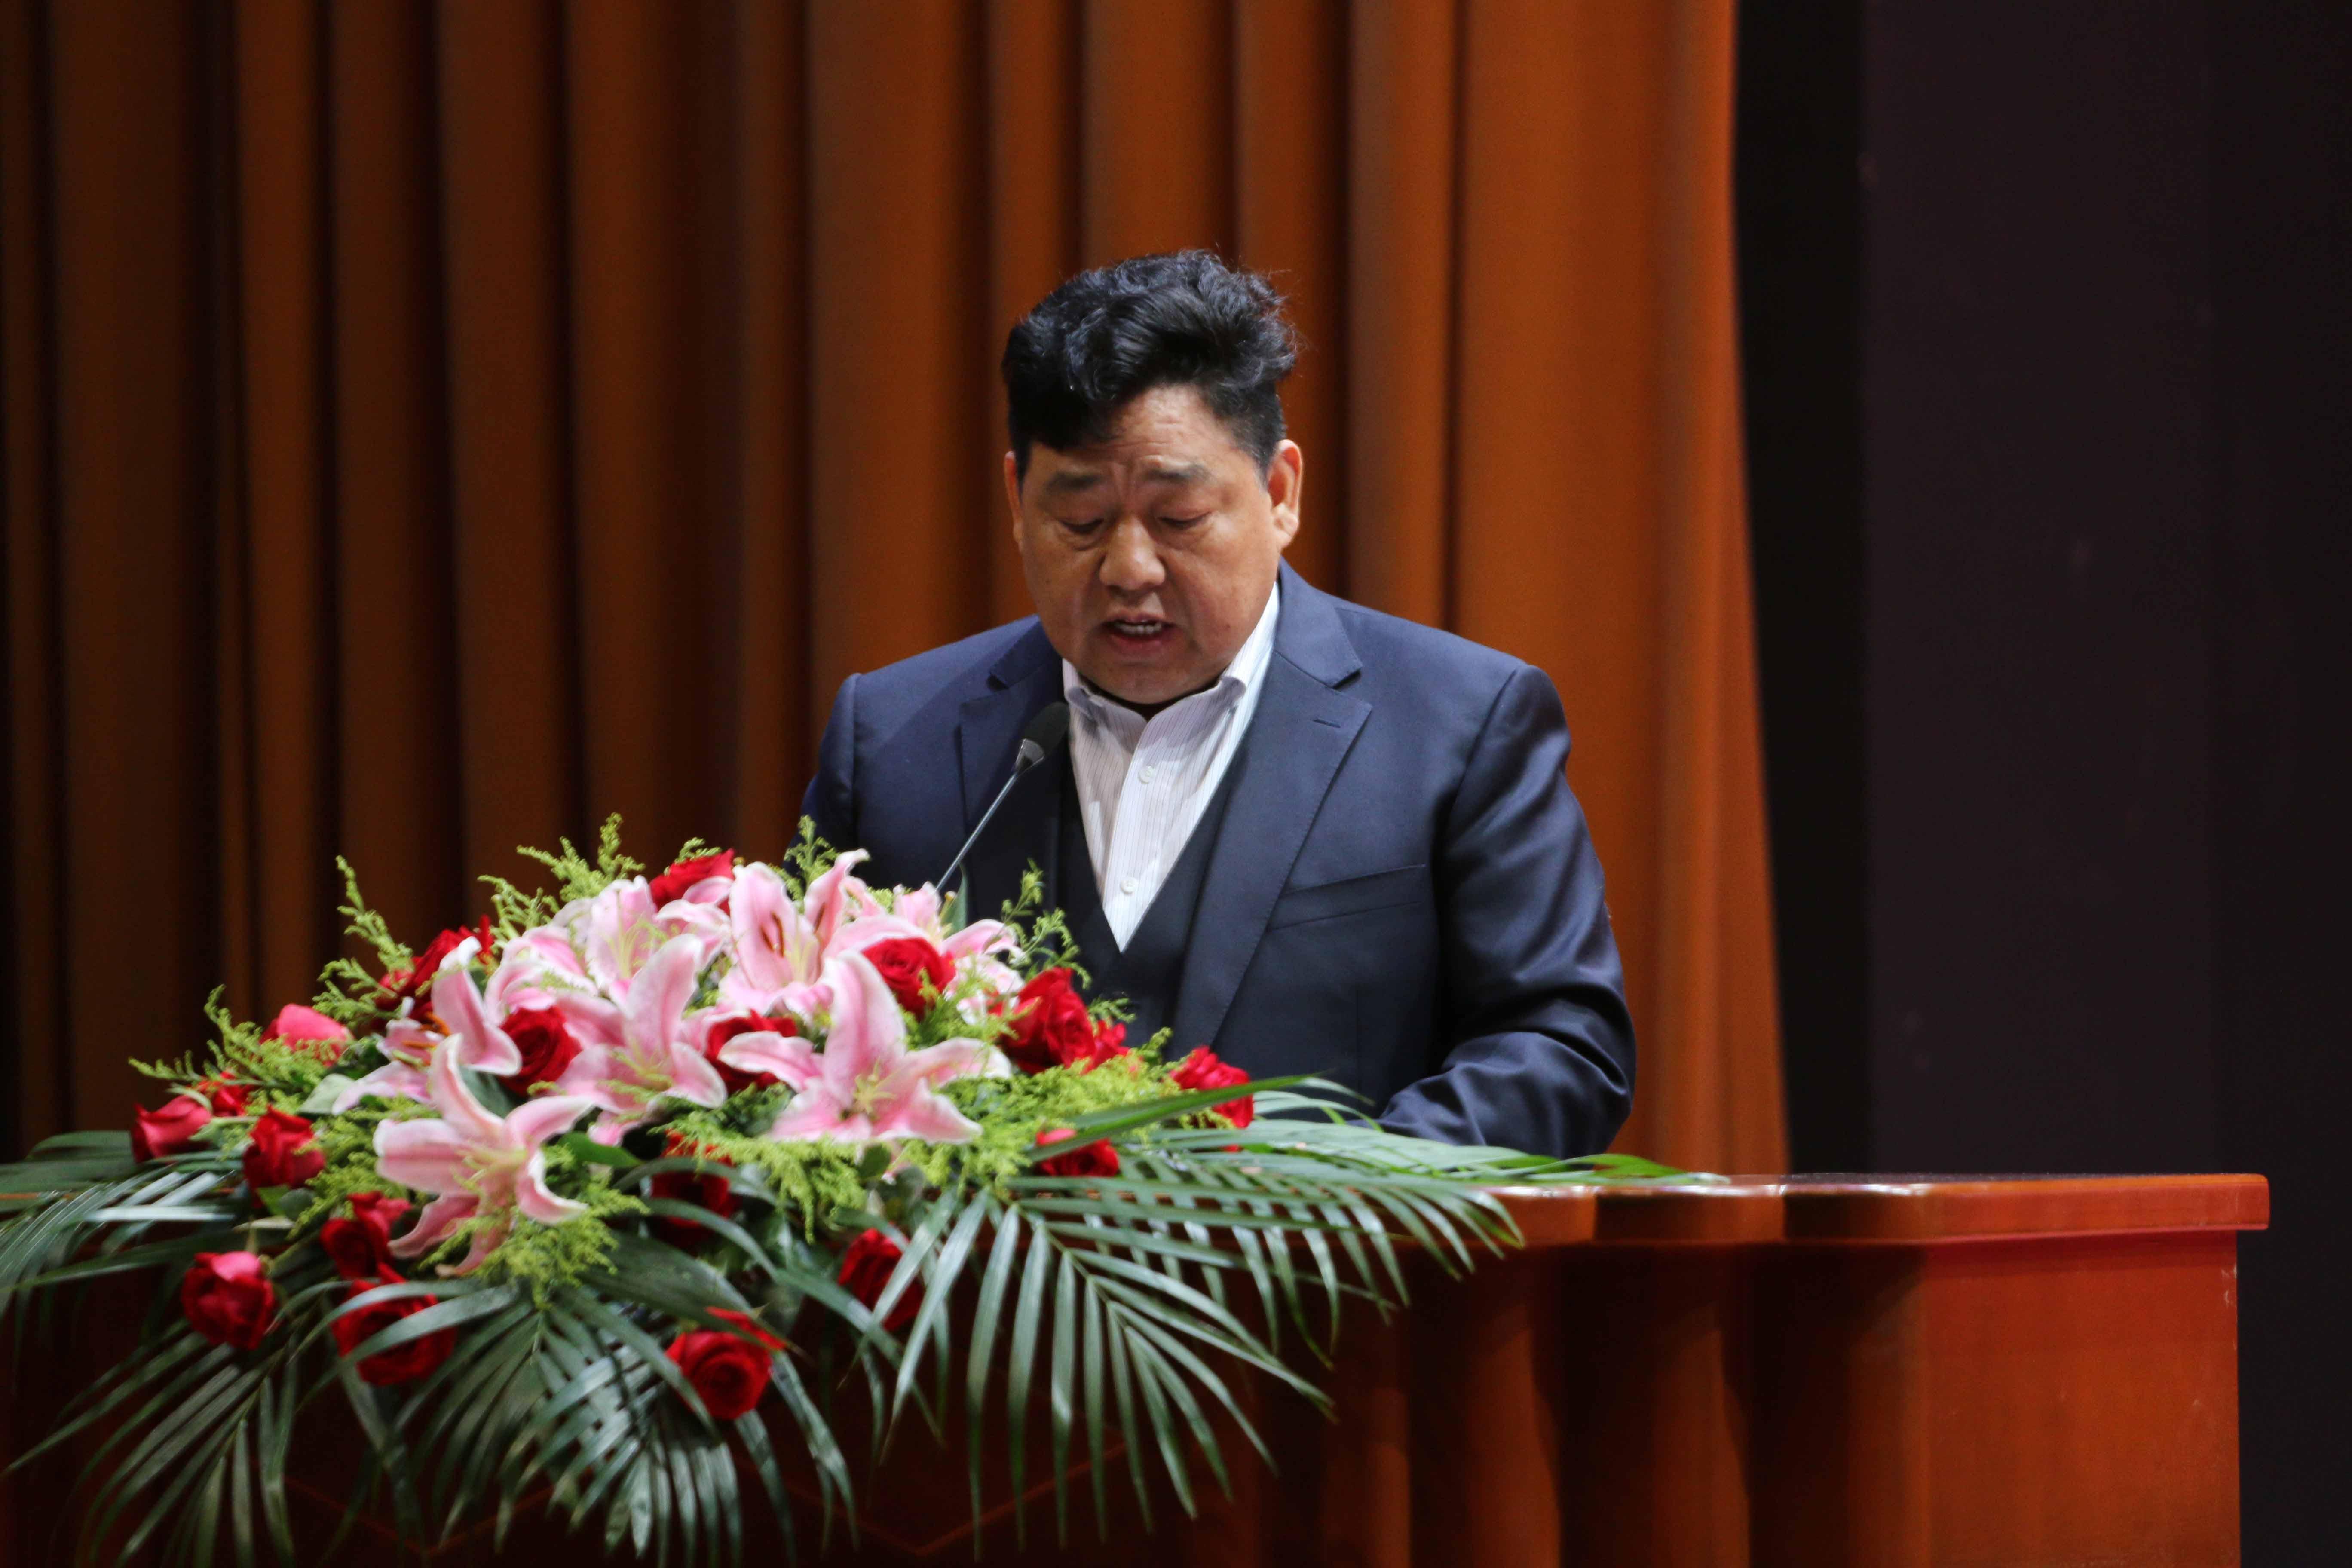 丹阳飞达重工有限公司总经理戴新元发言